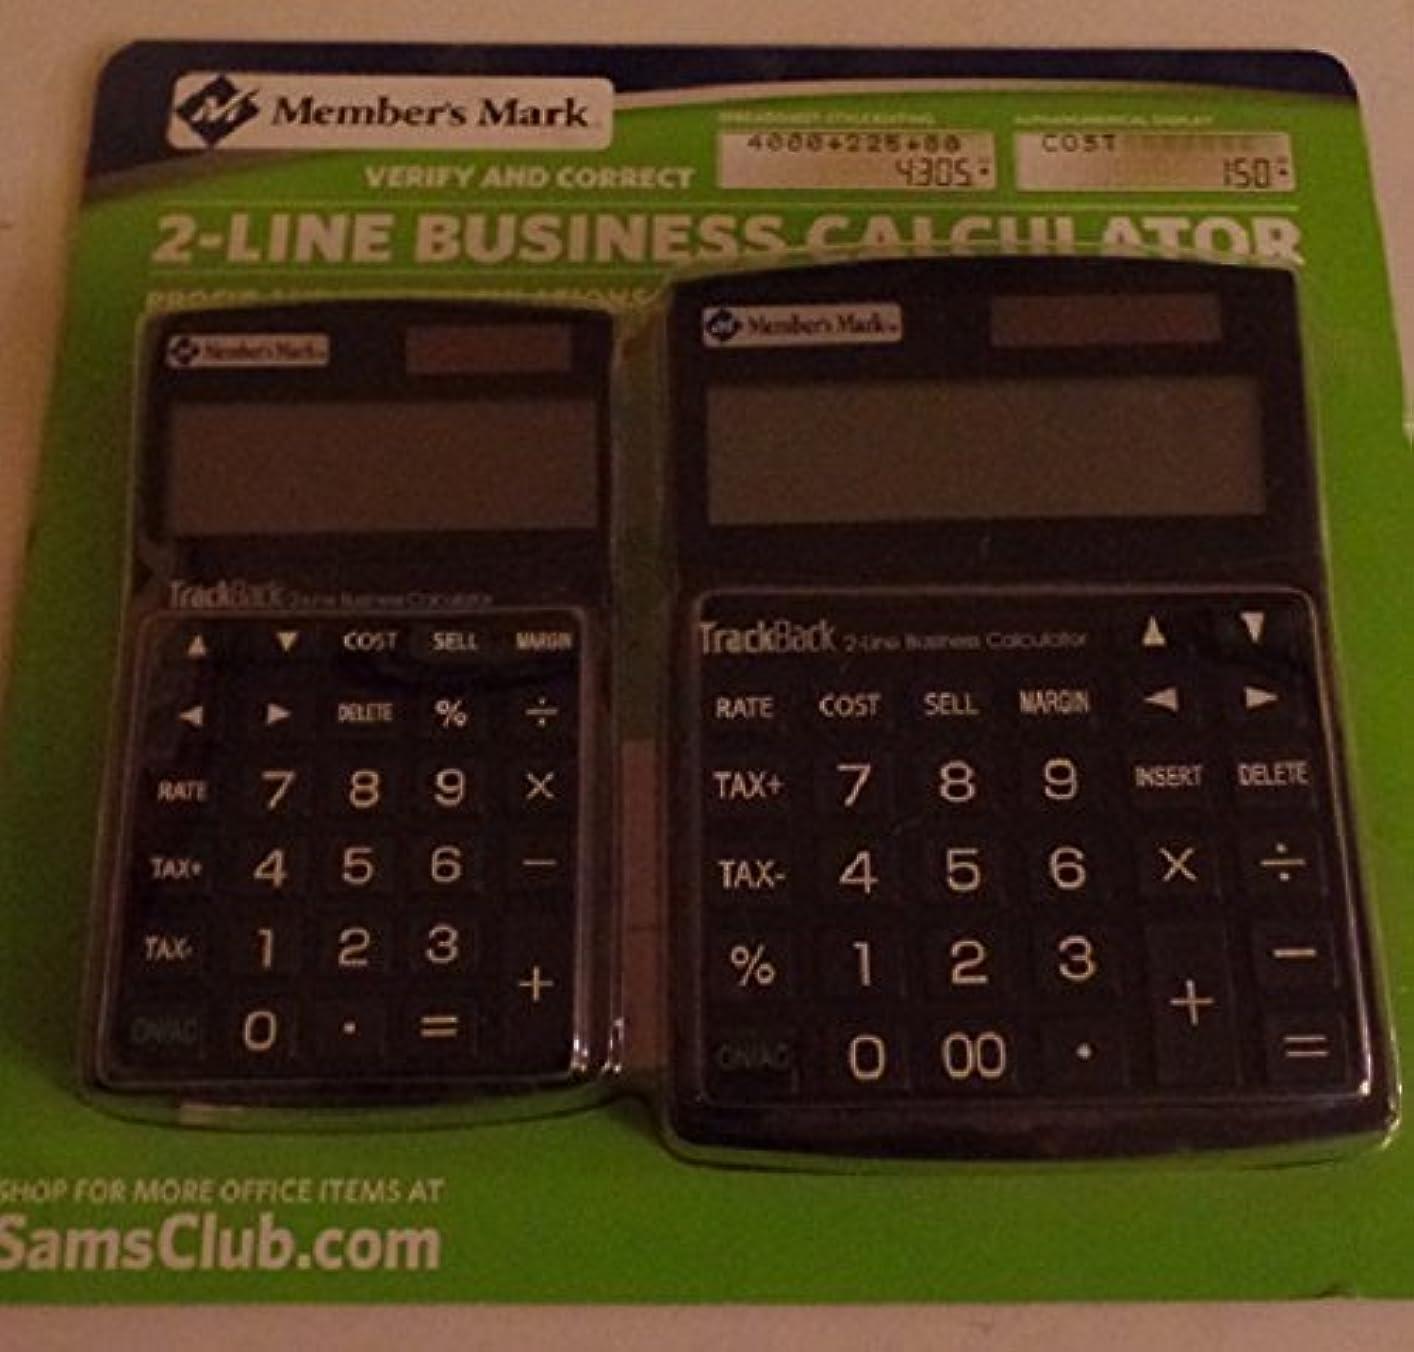 憧れ支配的考えたMember 's Mark複線ビジネス電卓コンボ、ブラック